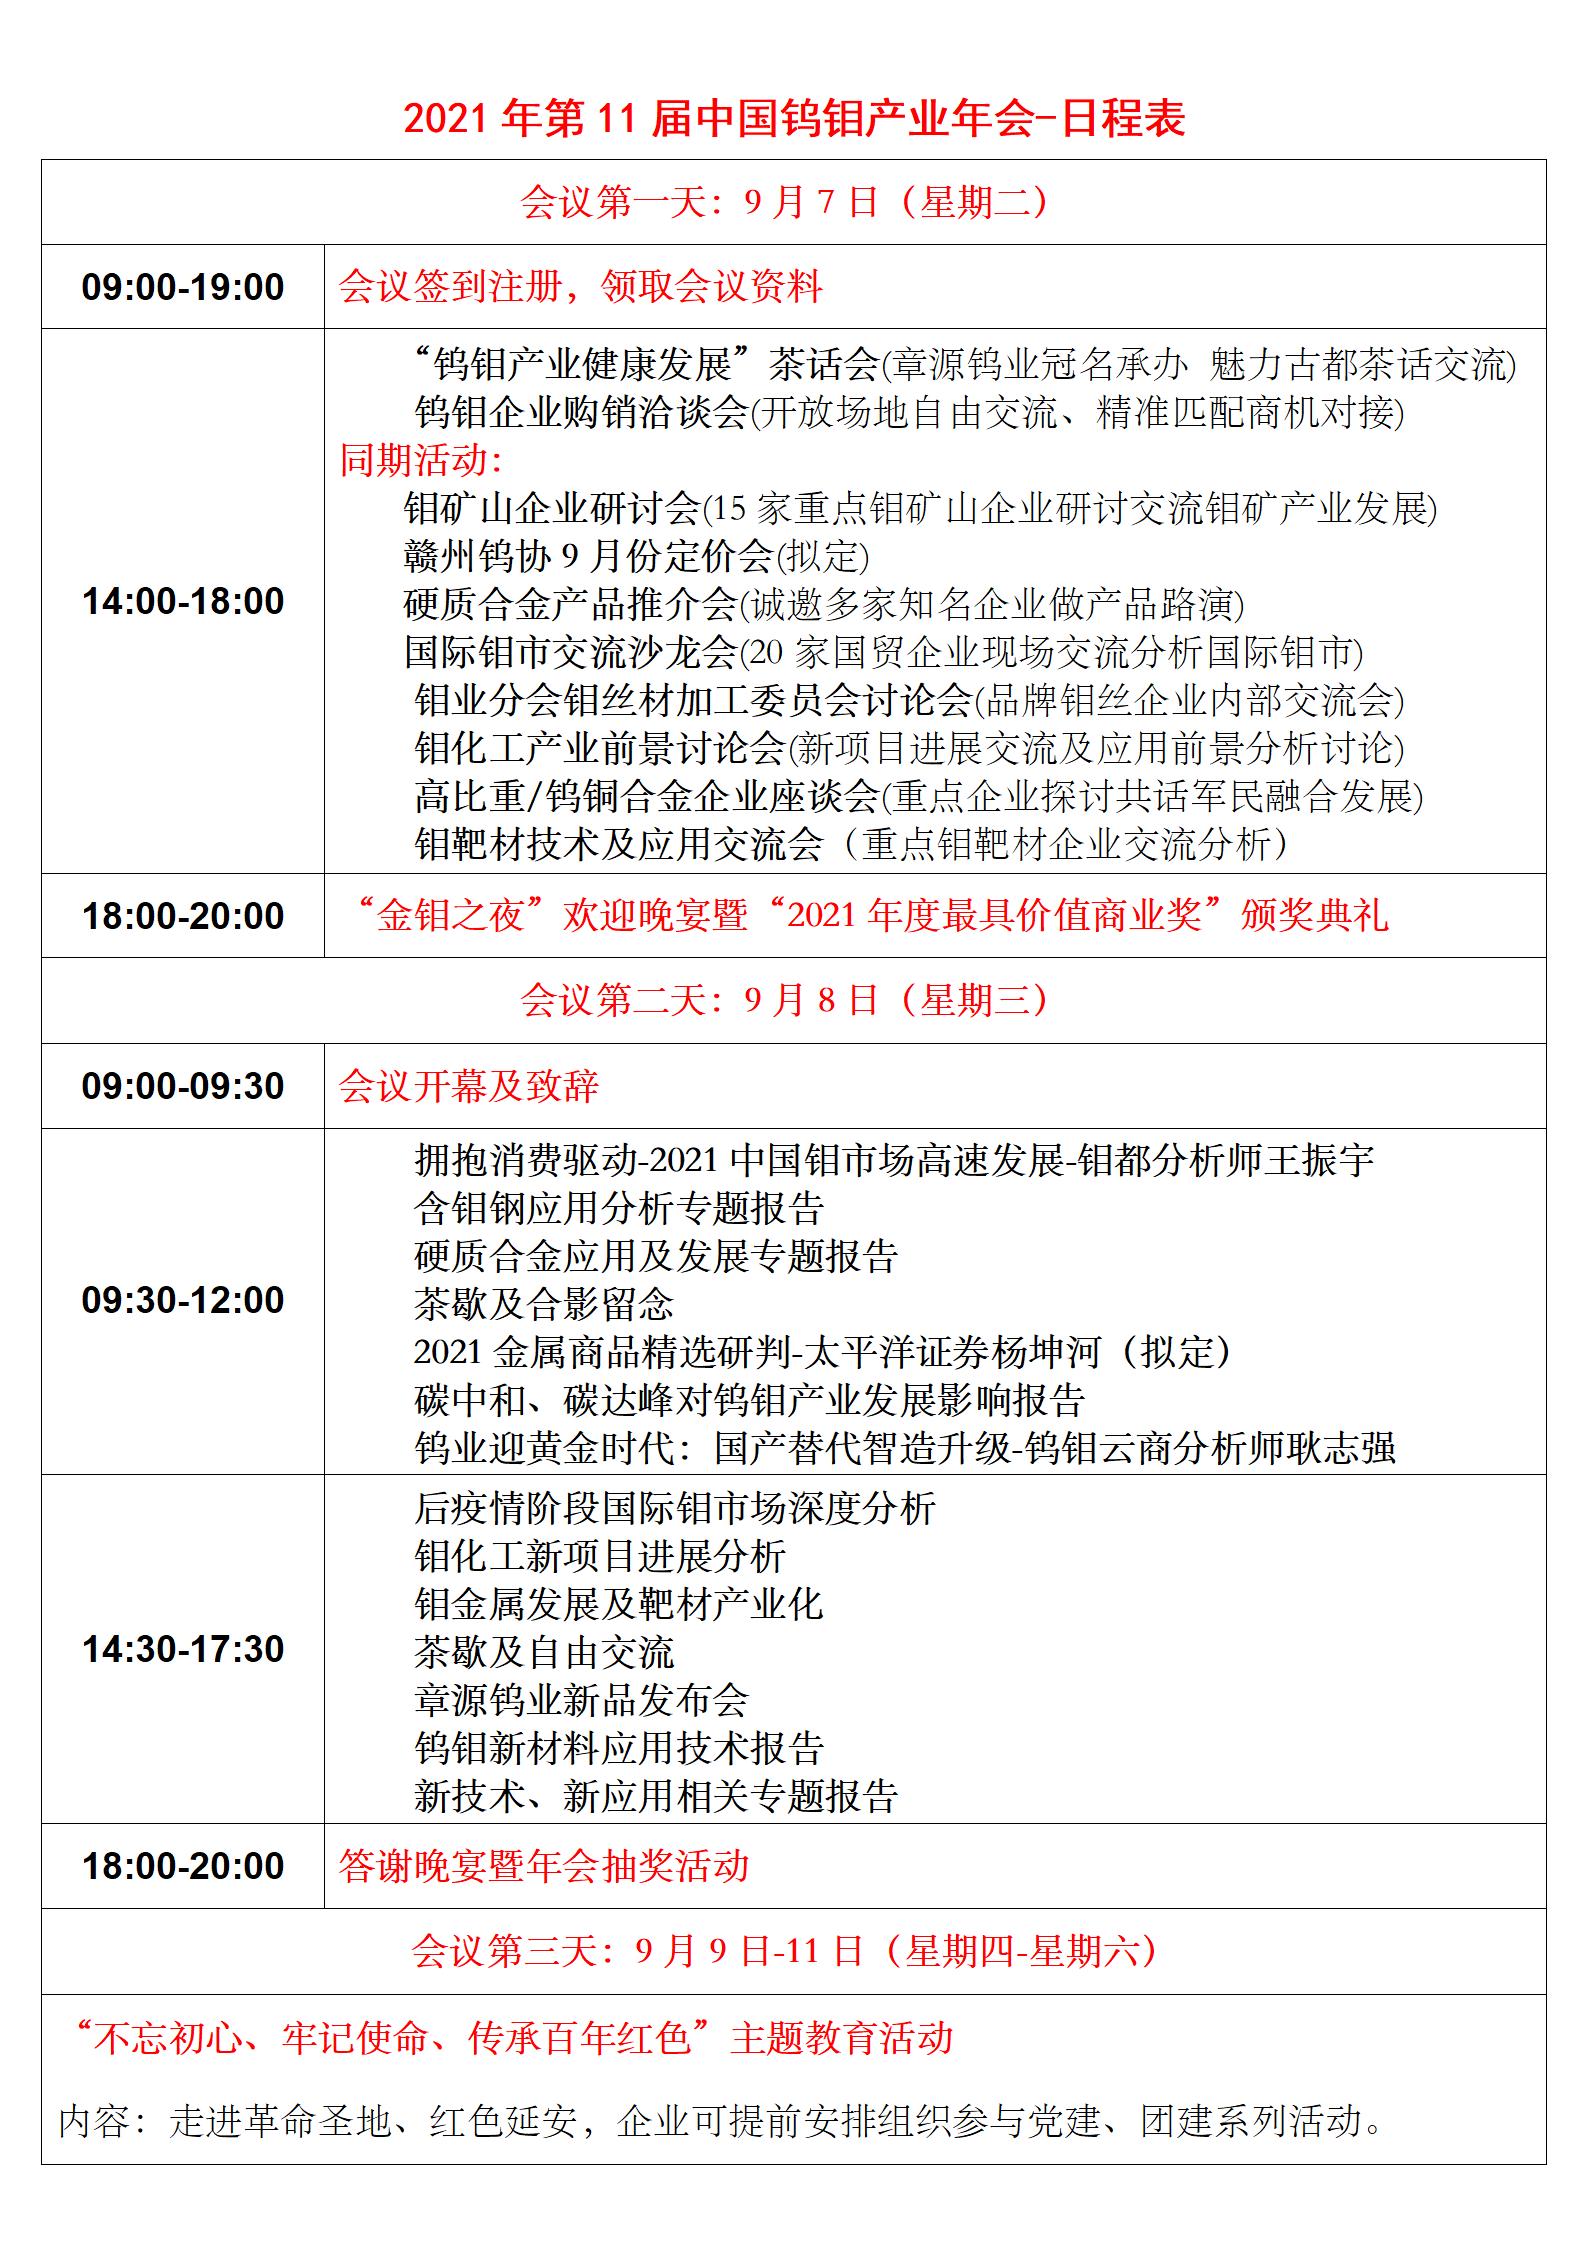 2021年西安年会邀请函日程表全部资料下载_02.png